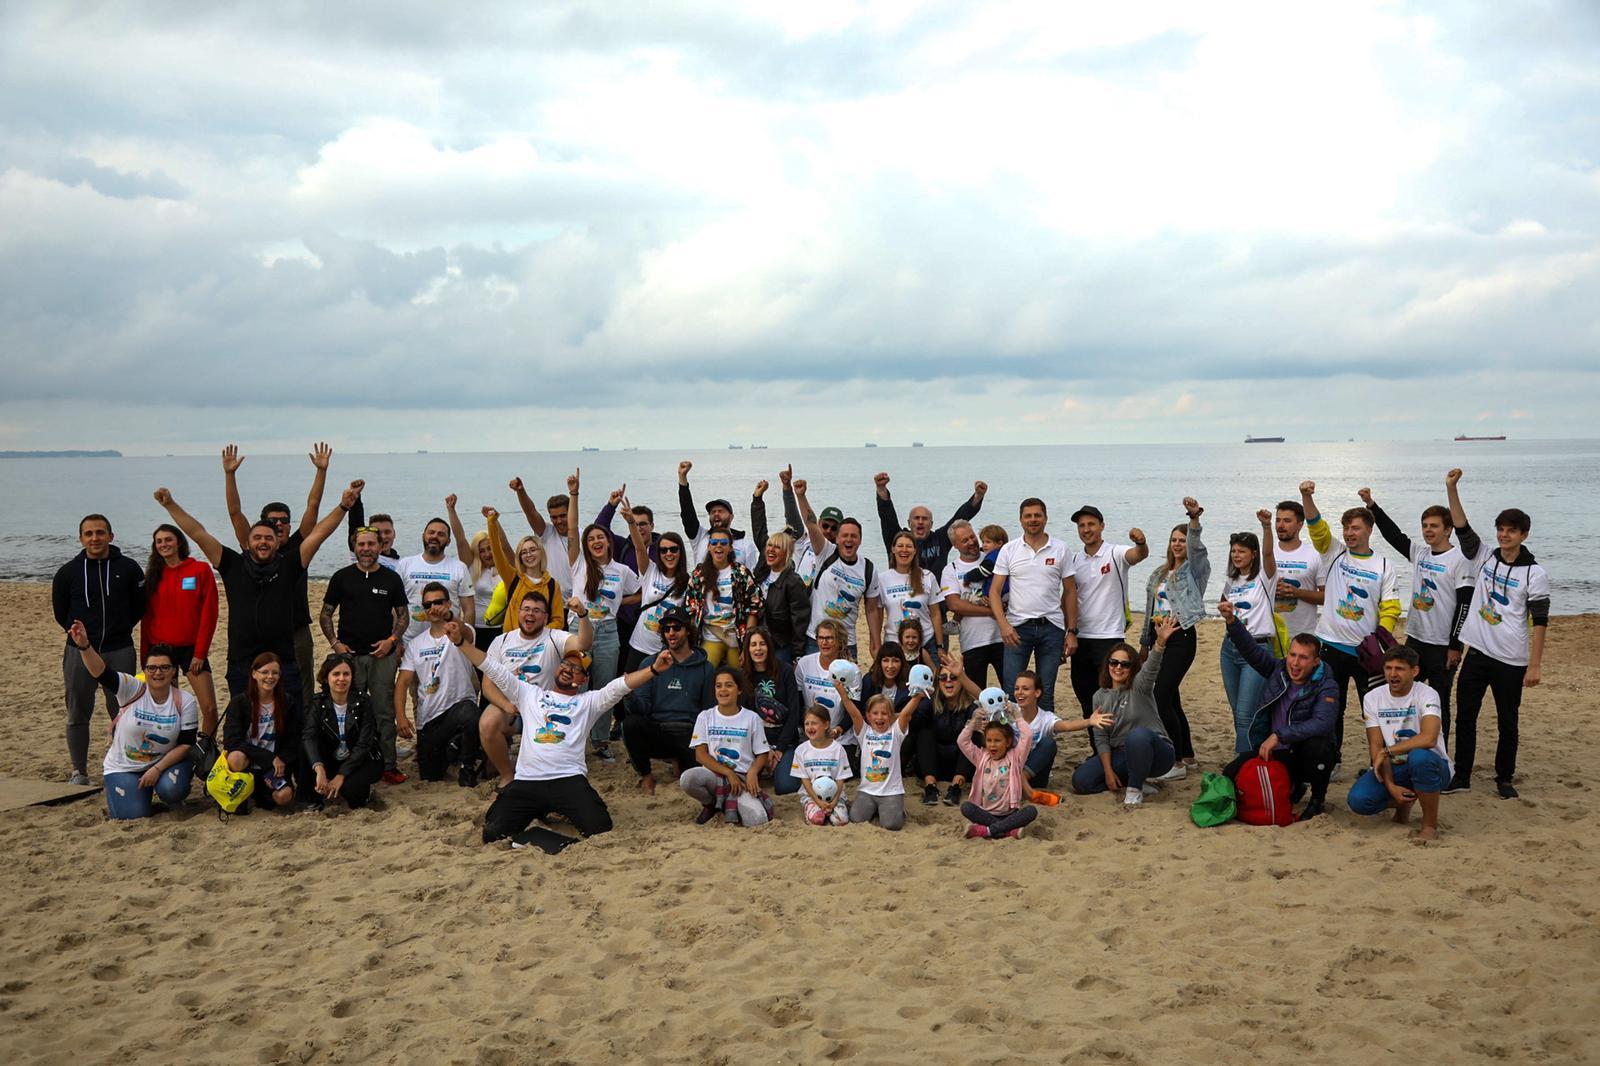 Czysty Bałtyk: morze śmieci i dobra energia tysięcy wolontariuszy